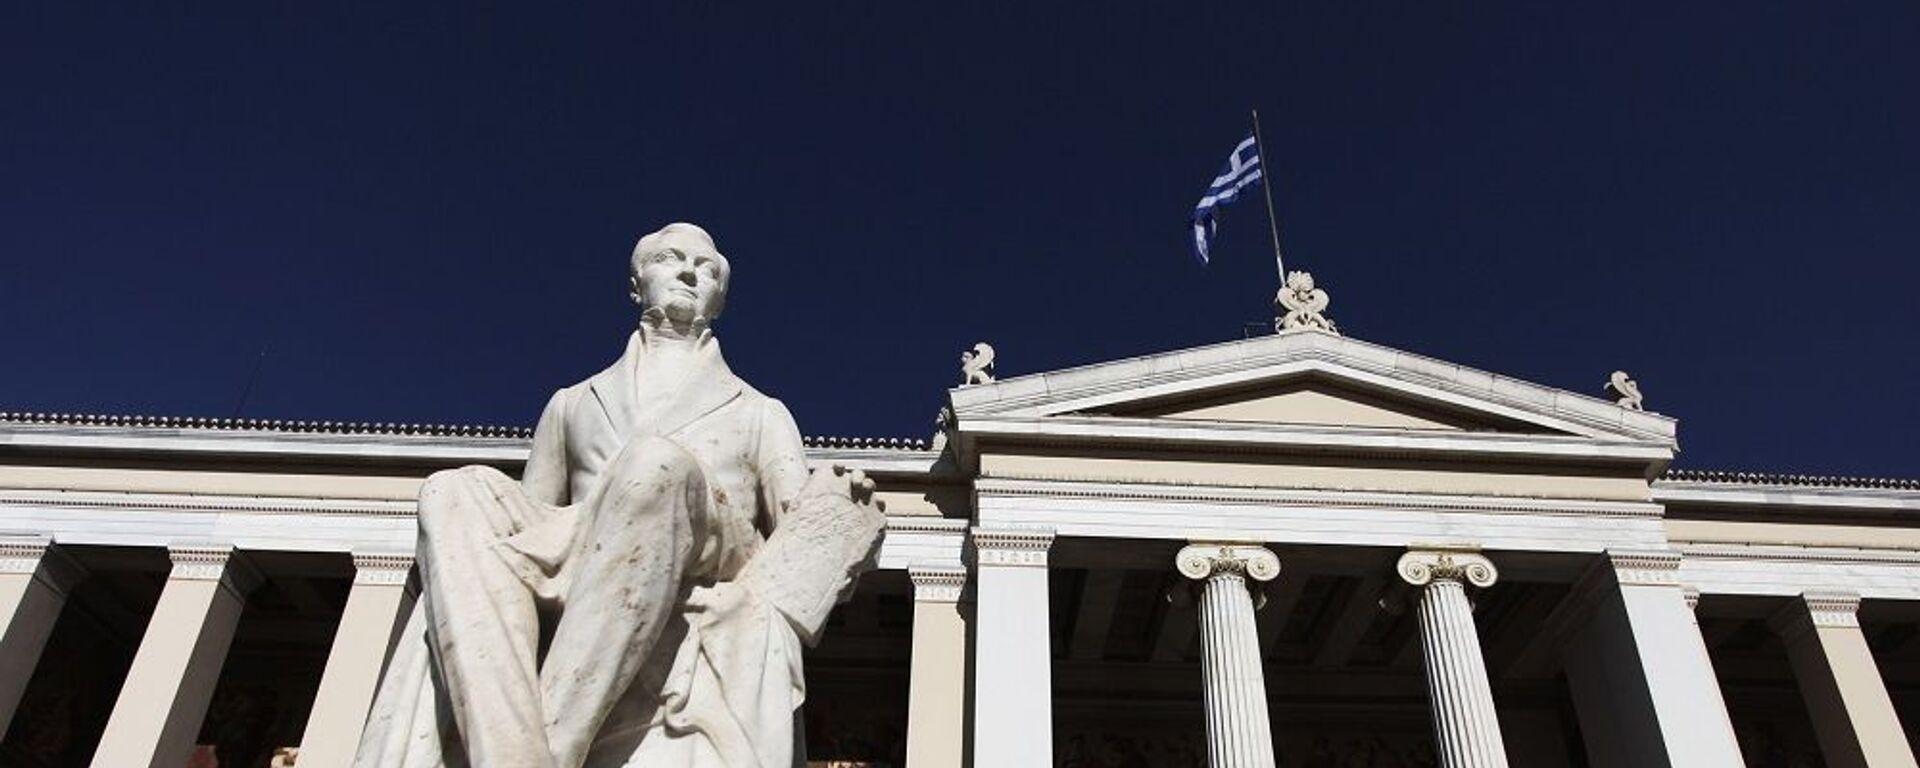 Εθνικό και Καποδιστριακό Πανεπιστήμιο Αθηνών - Sputnik Ελλάδα, 1920, 06.09.2021